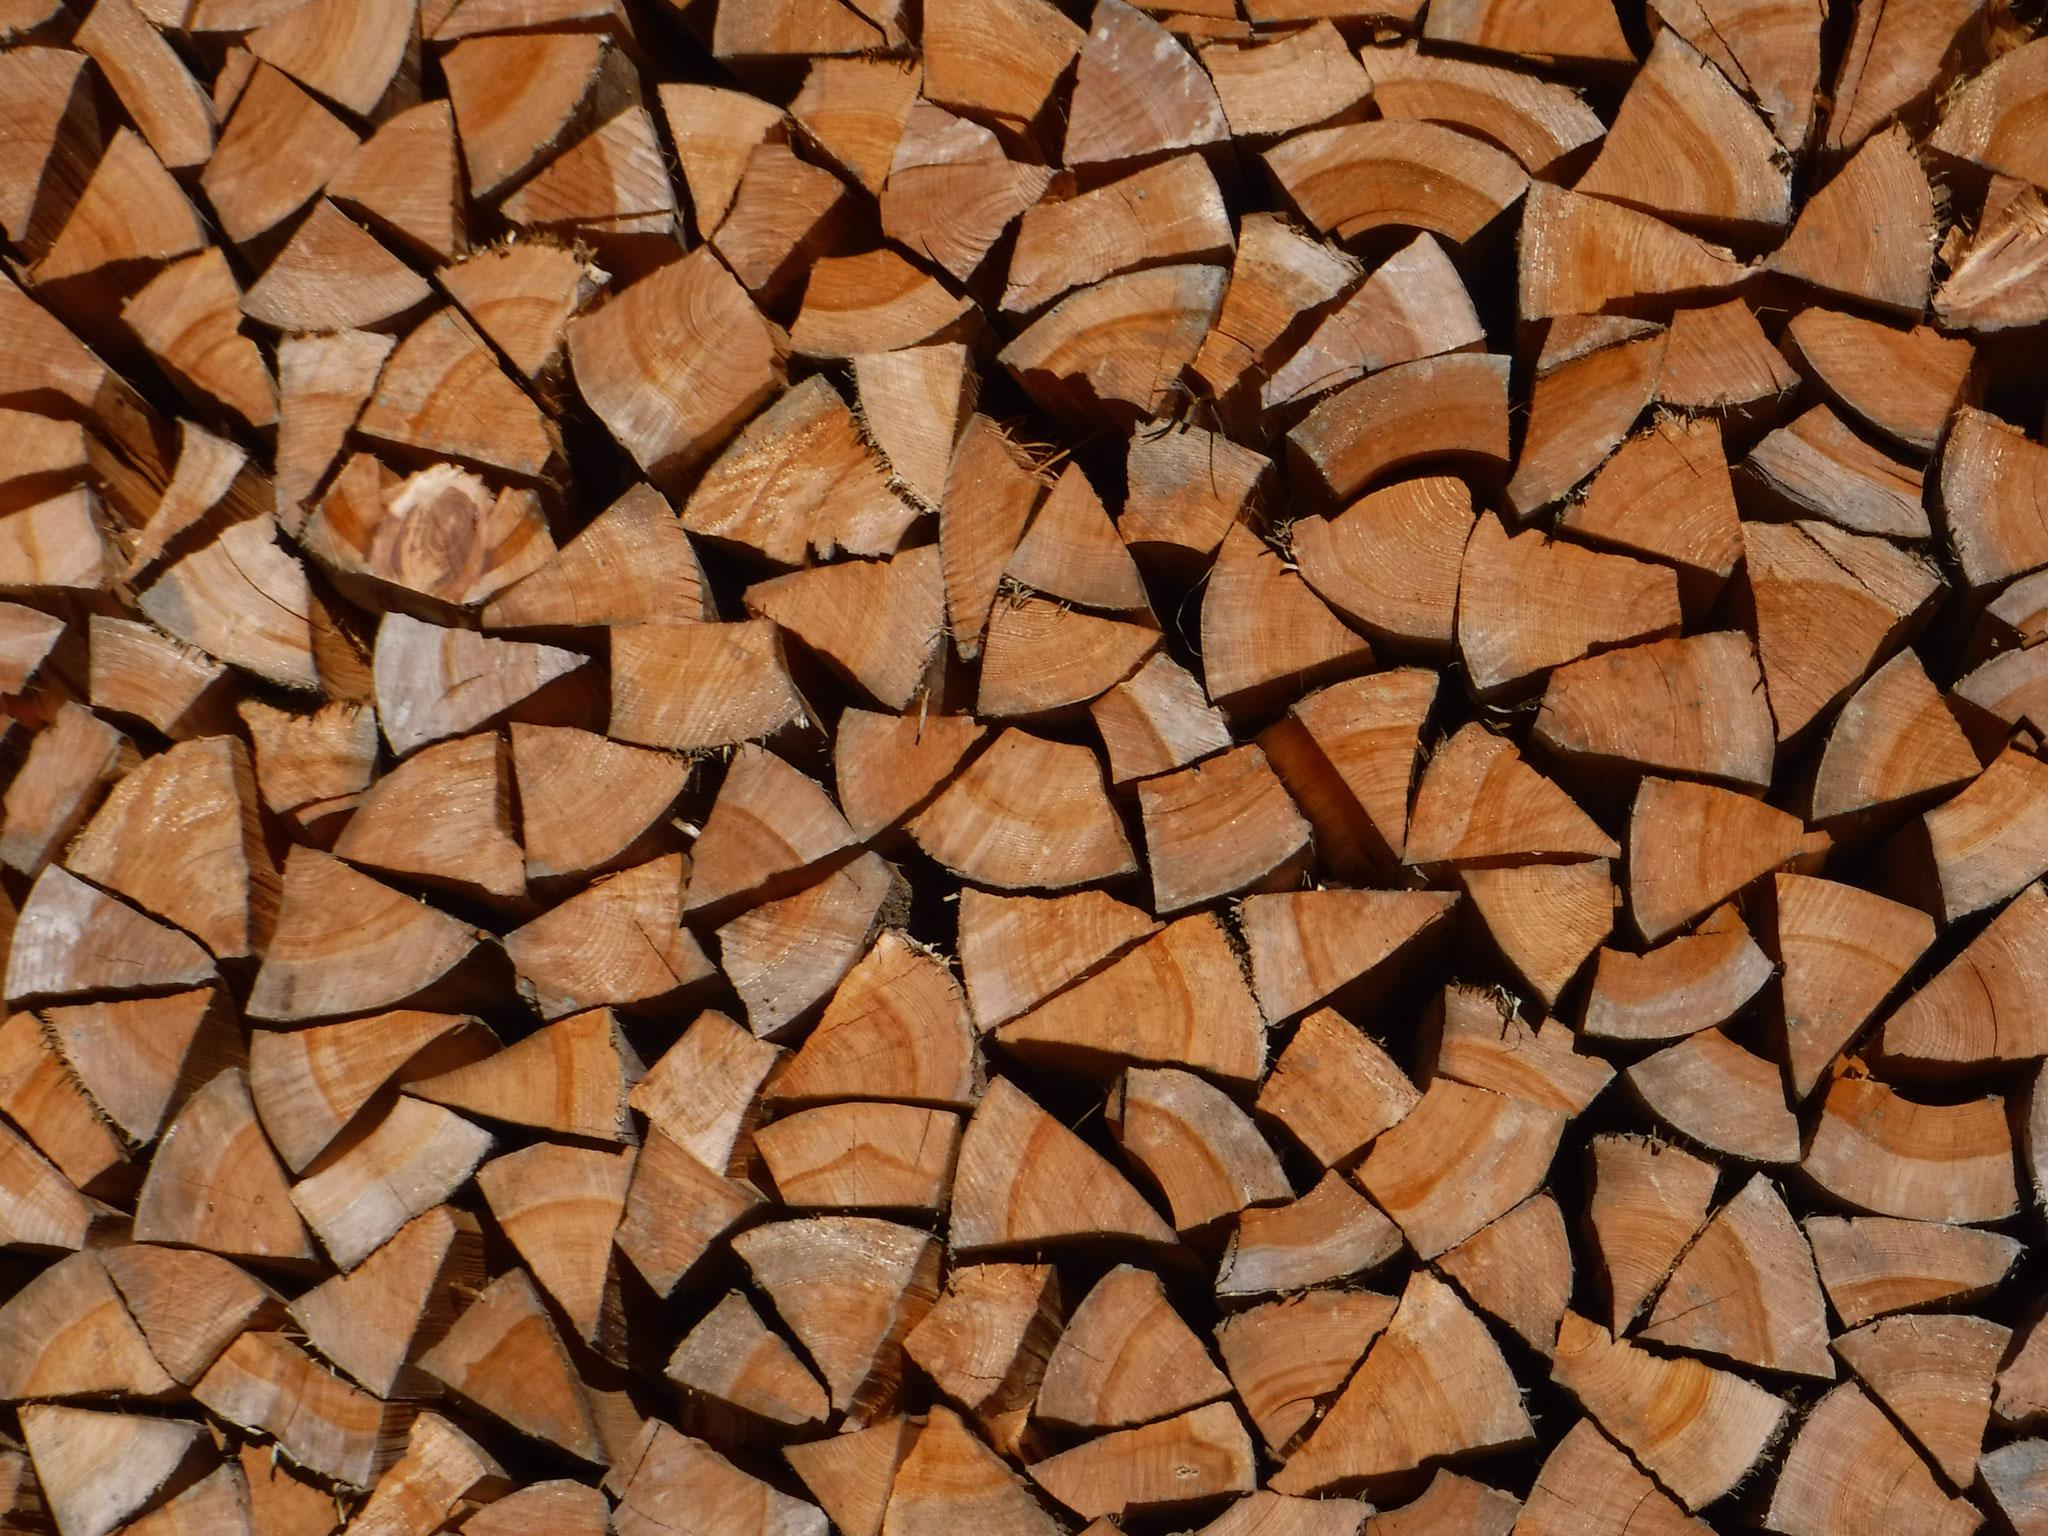 見事に切りそろえられた薪、ストーブが見てみたい